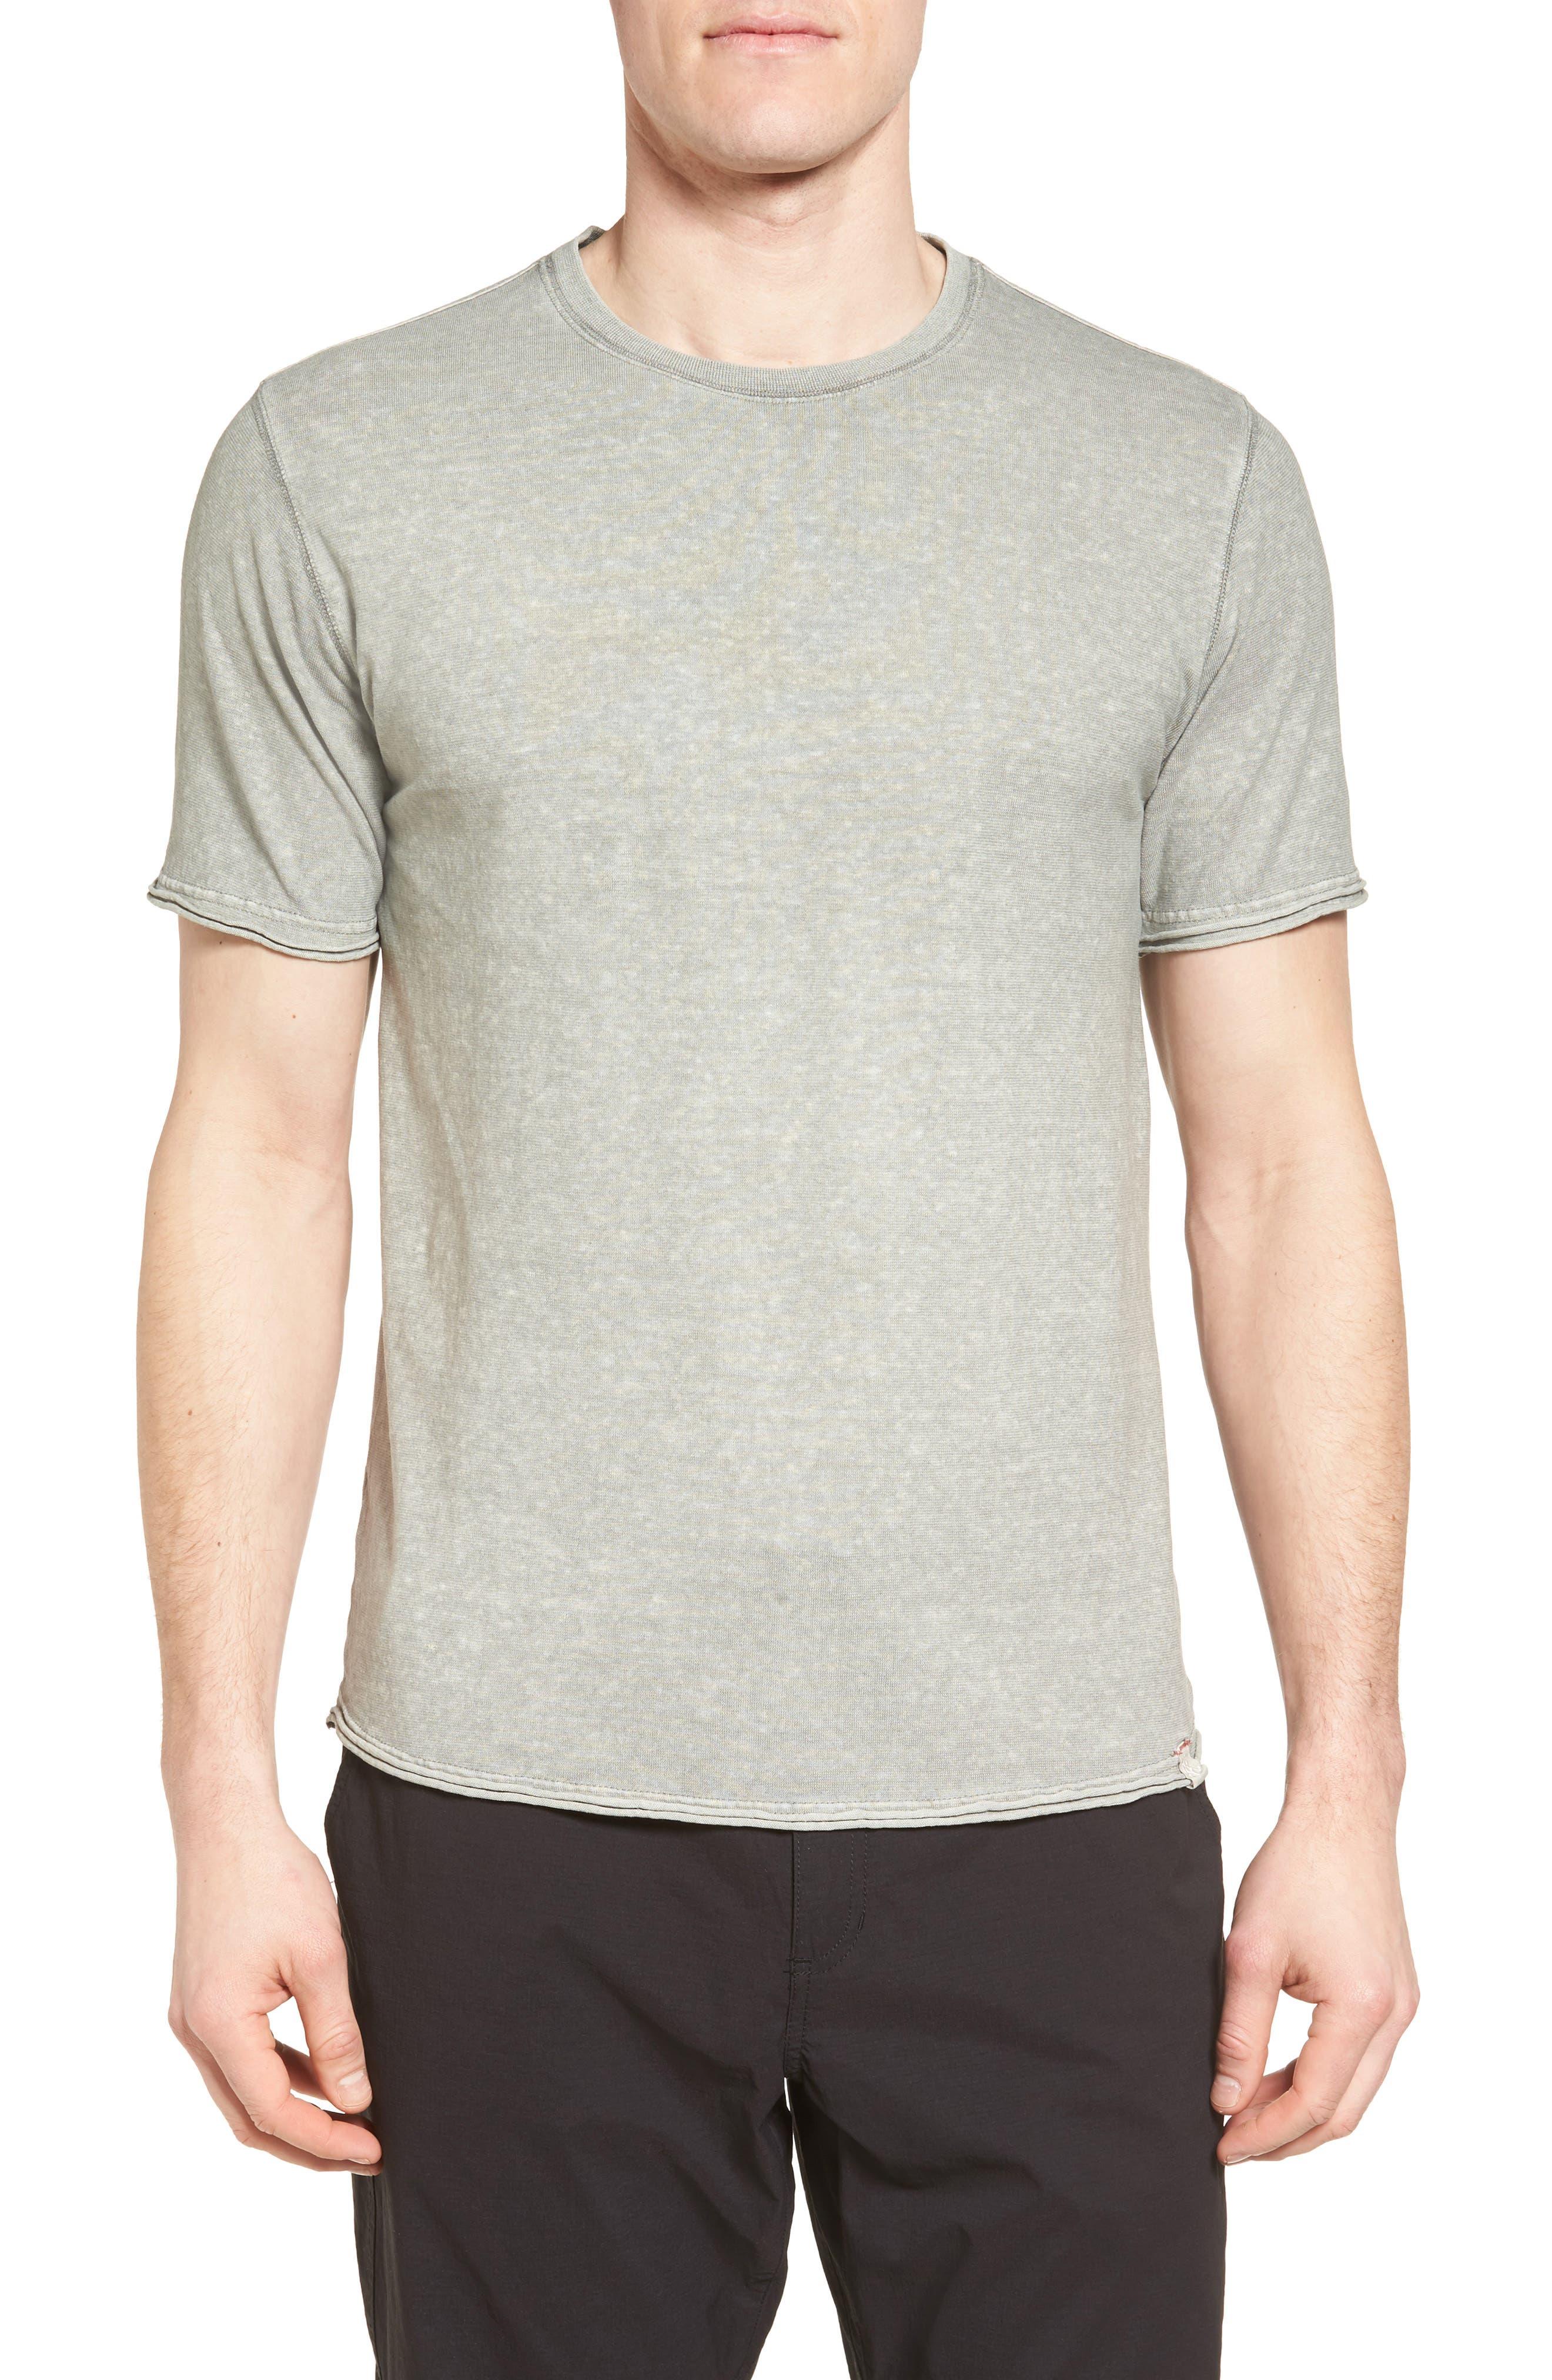 Camura T-Shirt,                         Main,                         color, 021